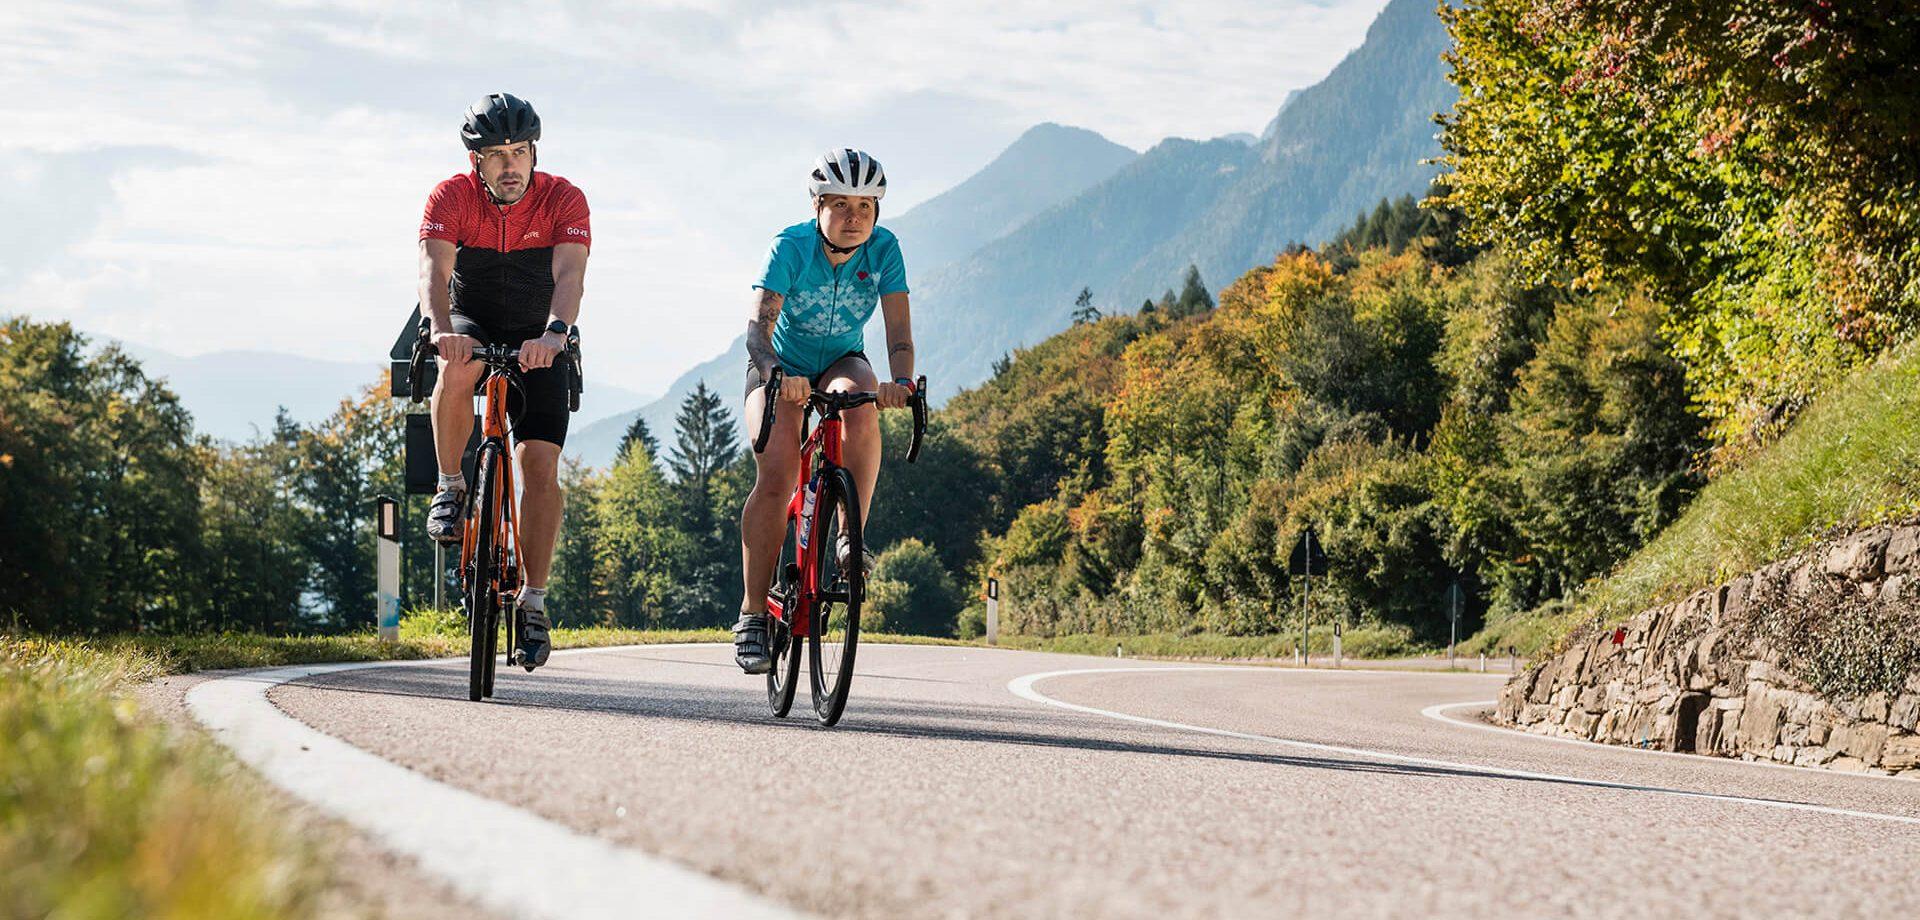 Rennradfahren im Herbst © Alex Moling